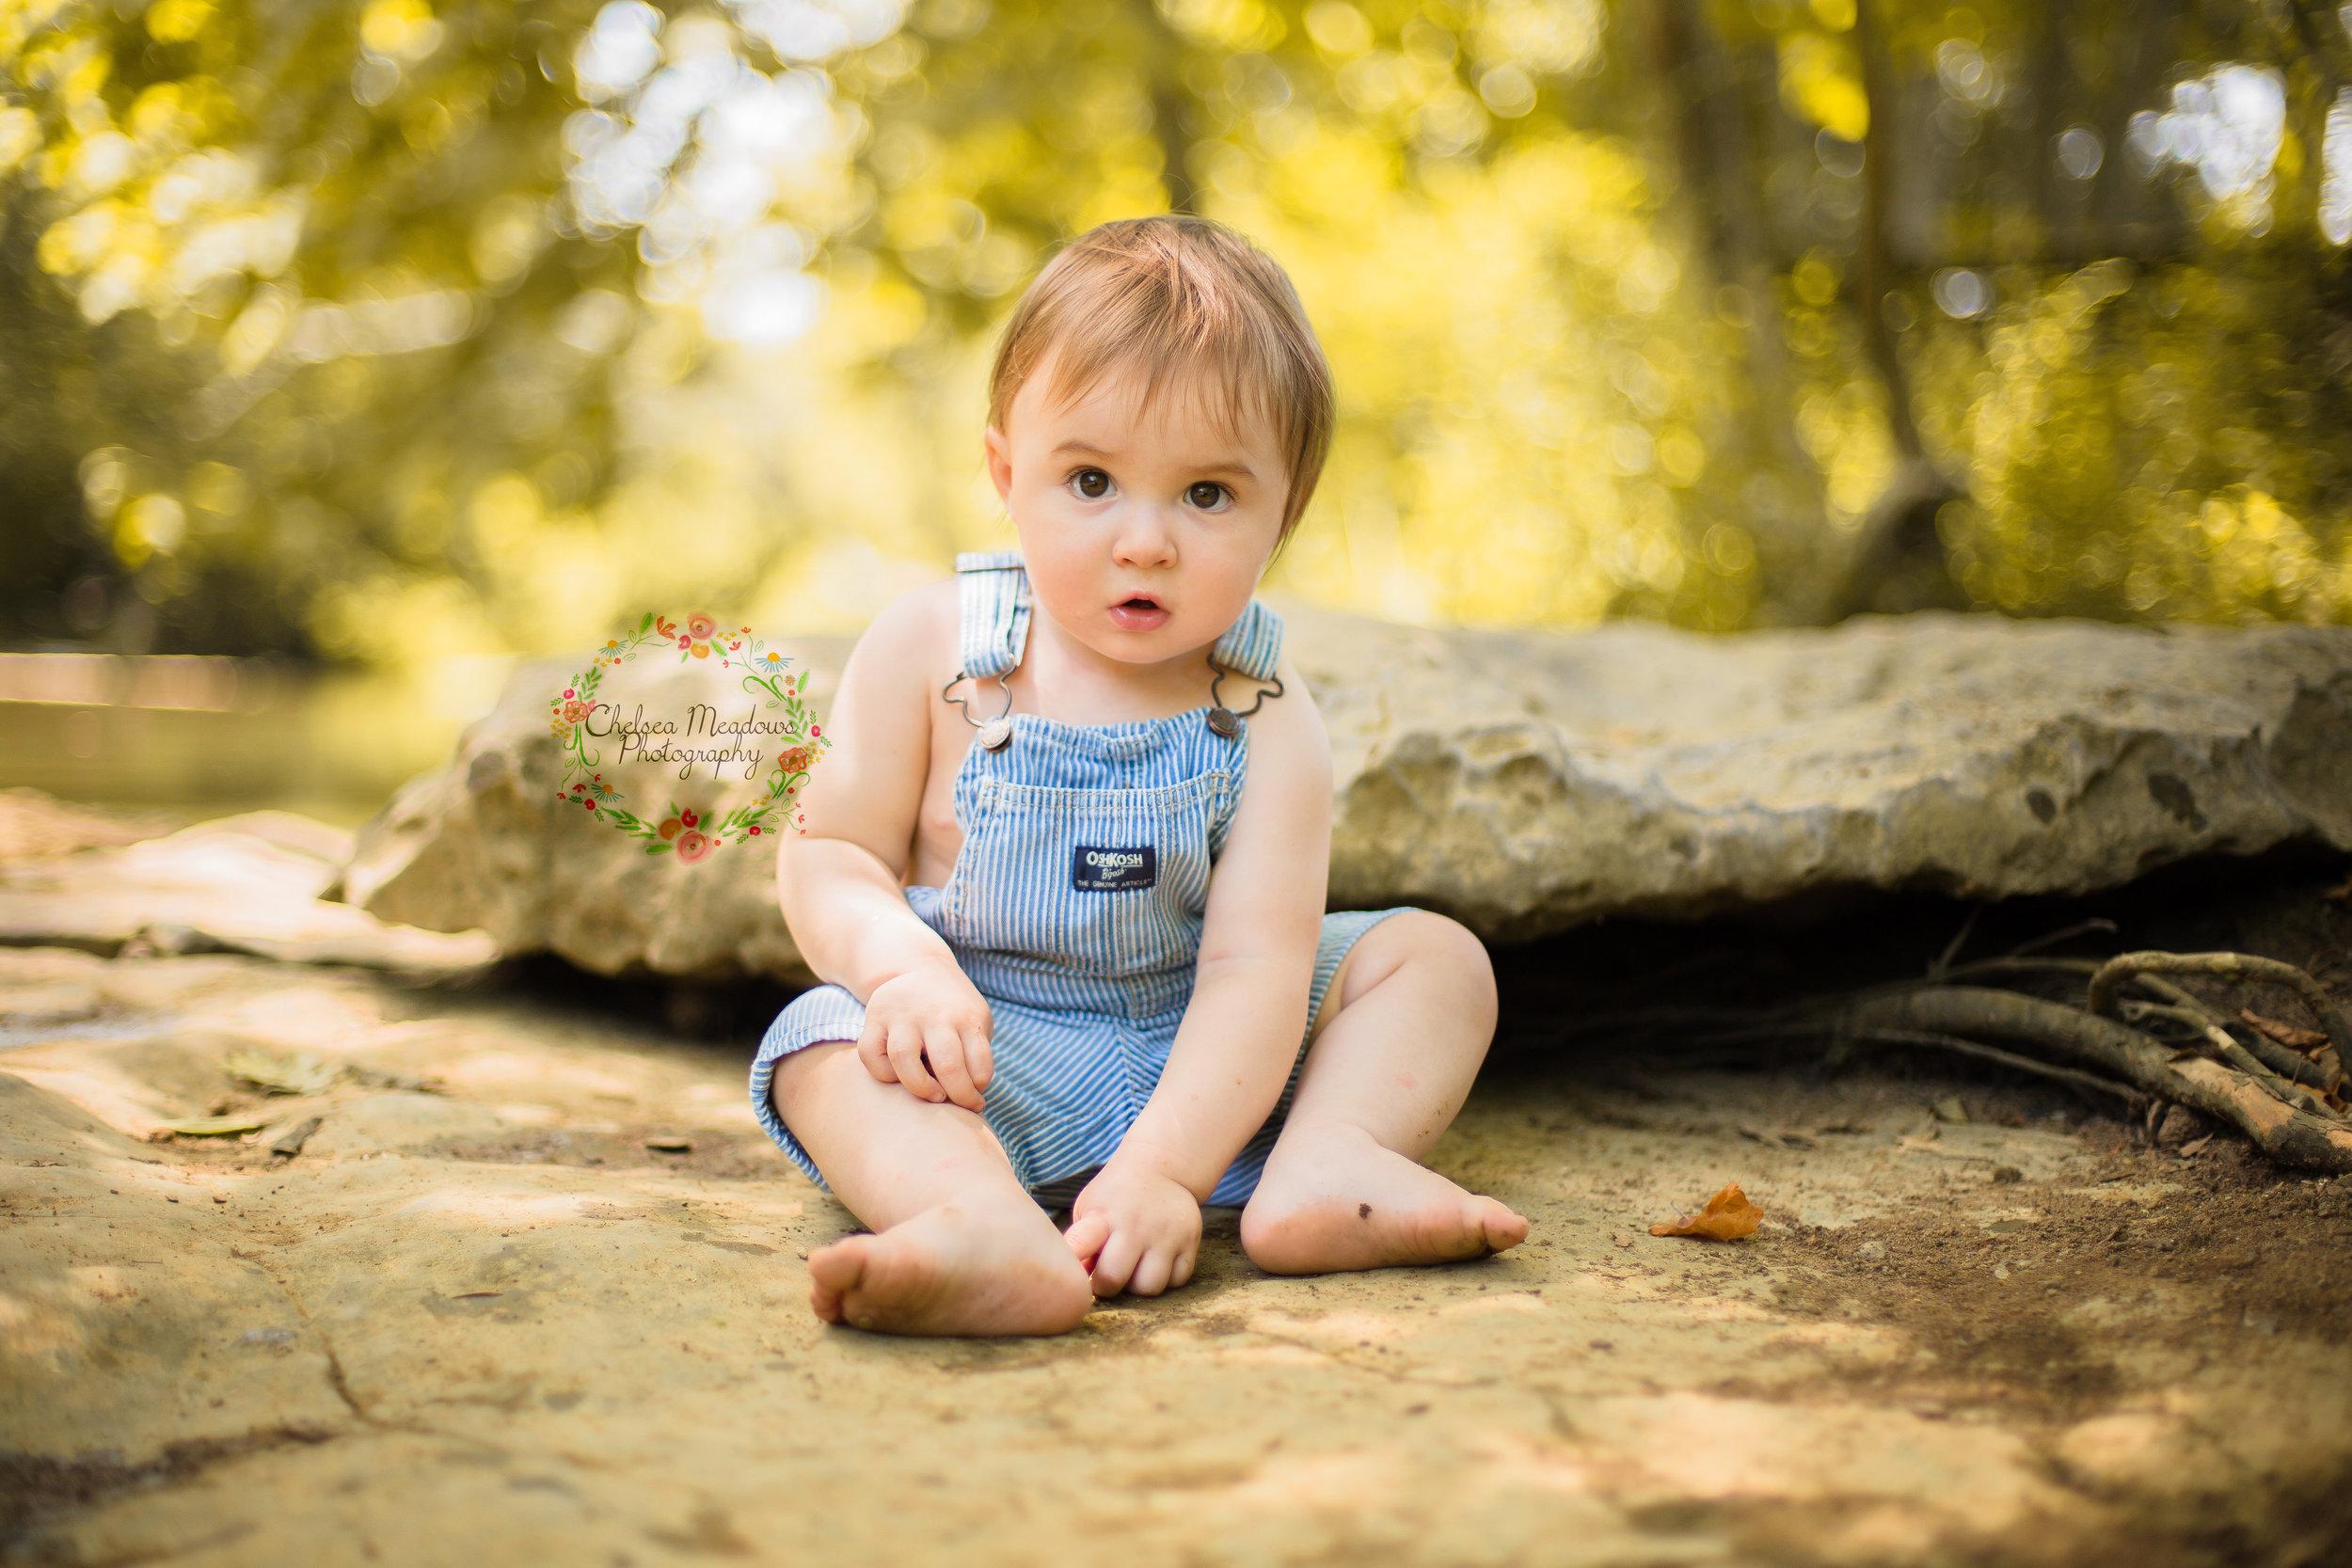 Rowans First Birthday - Nashville Family Photographer - Chelsea Meadows Photography (12).jpg